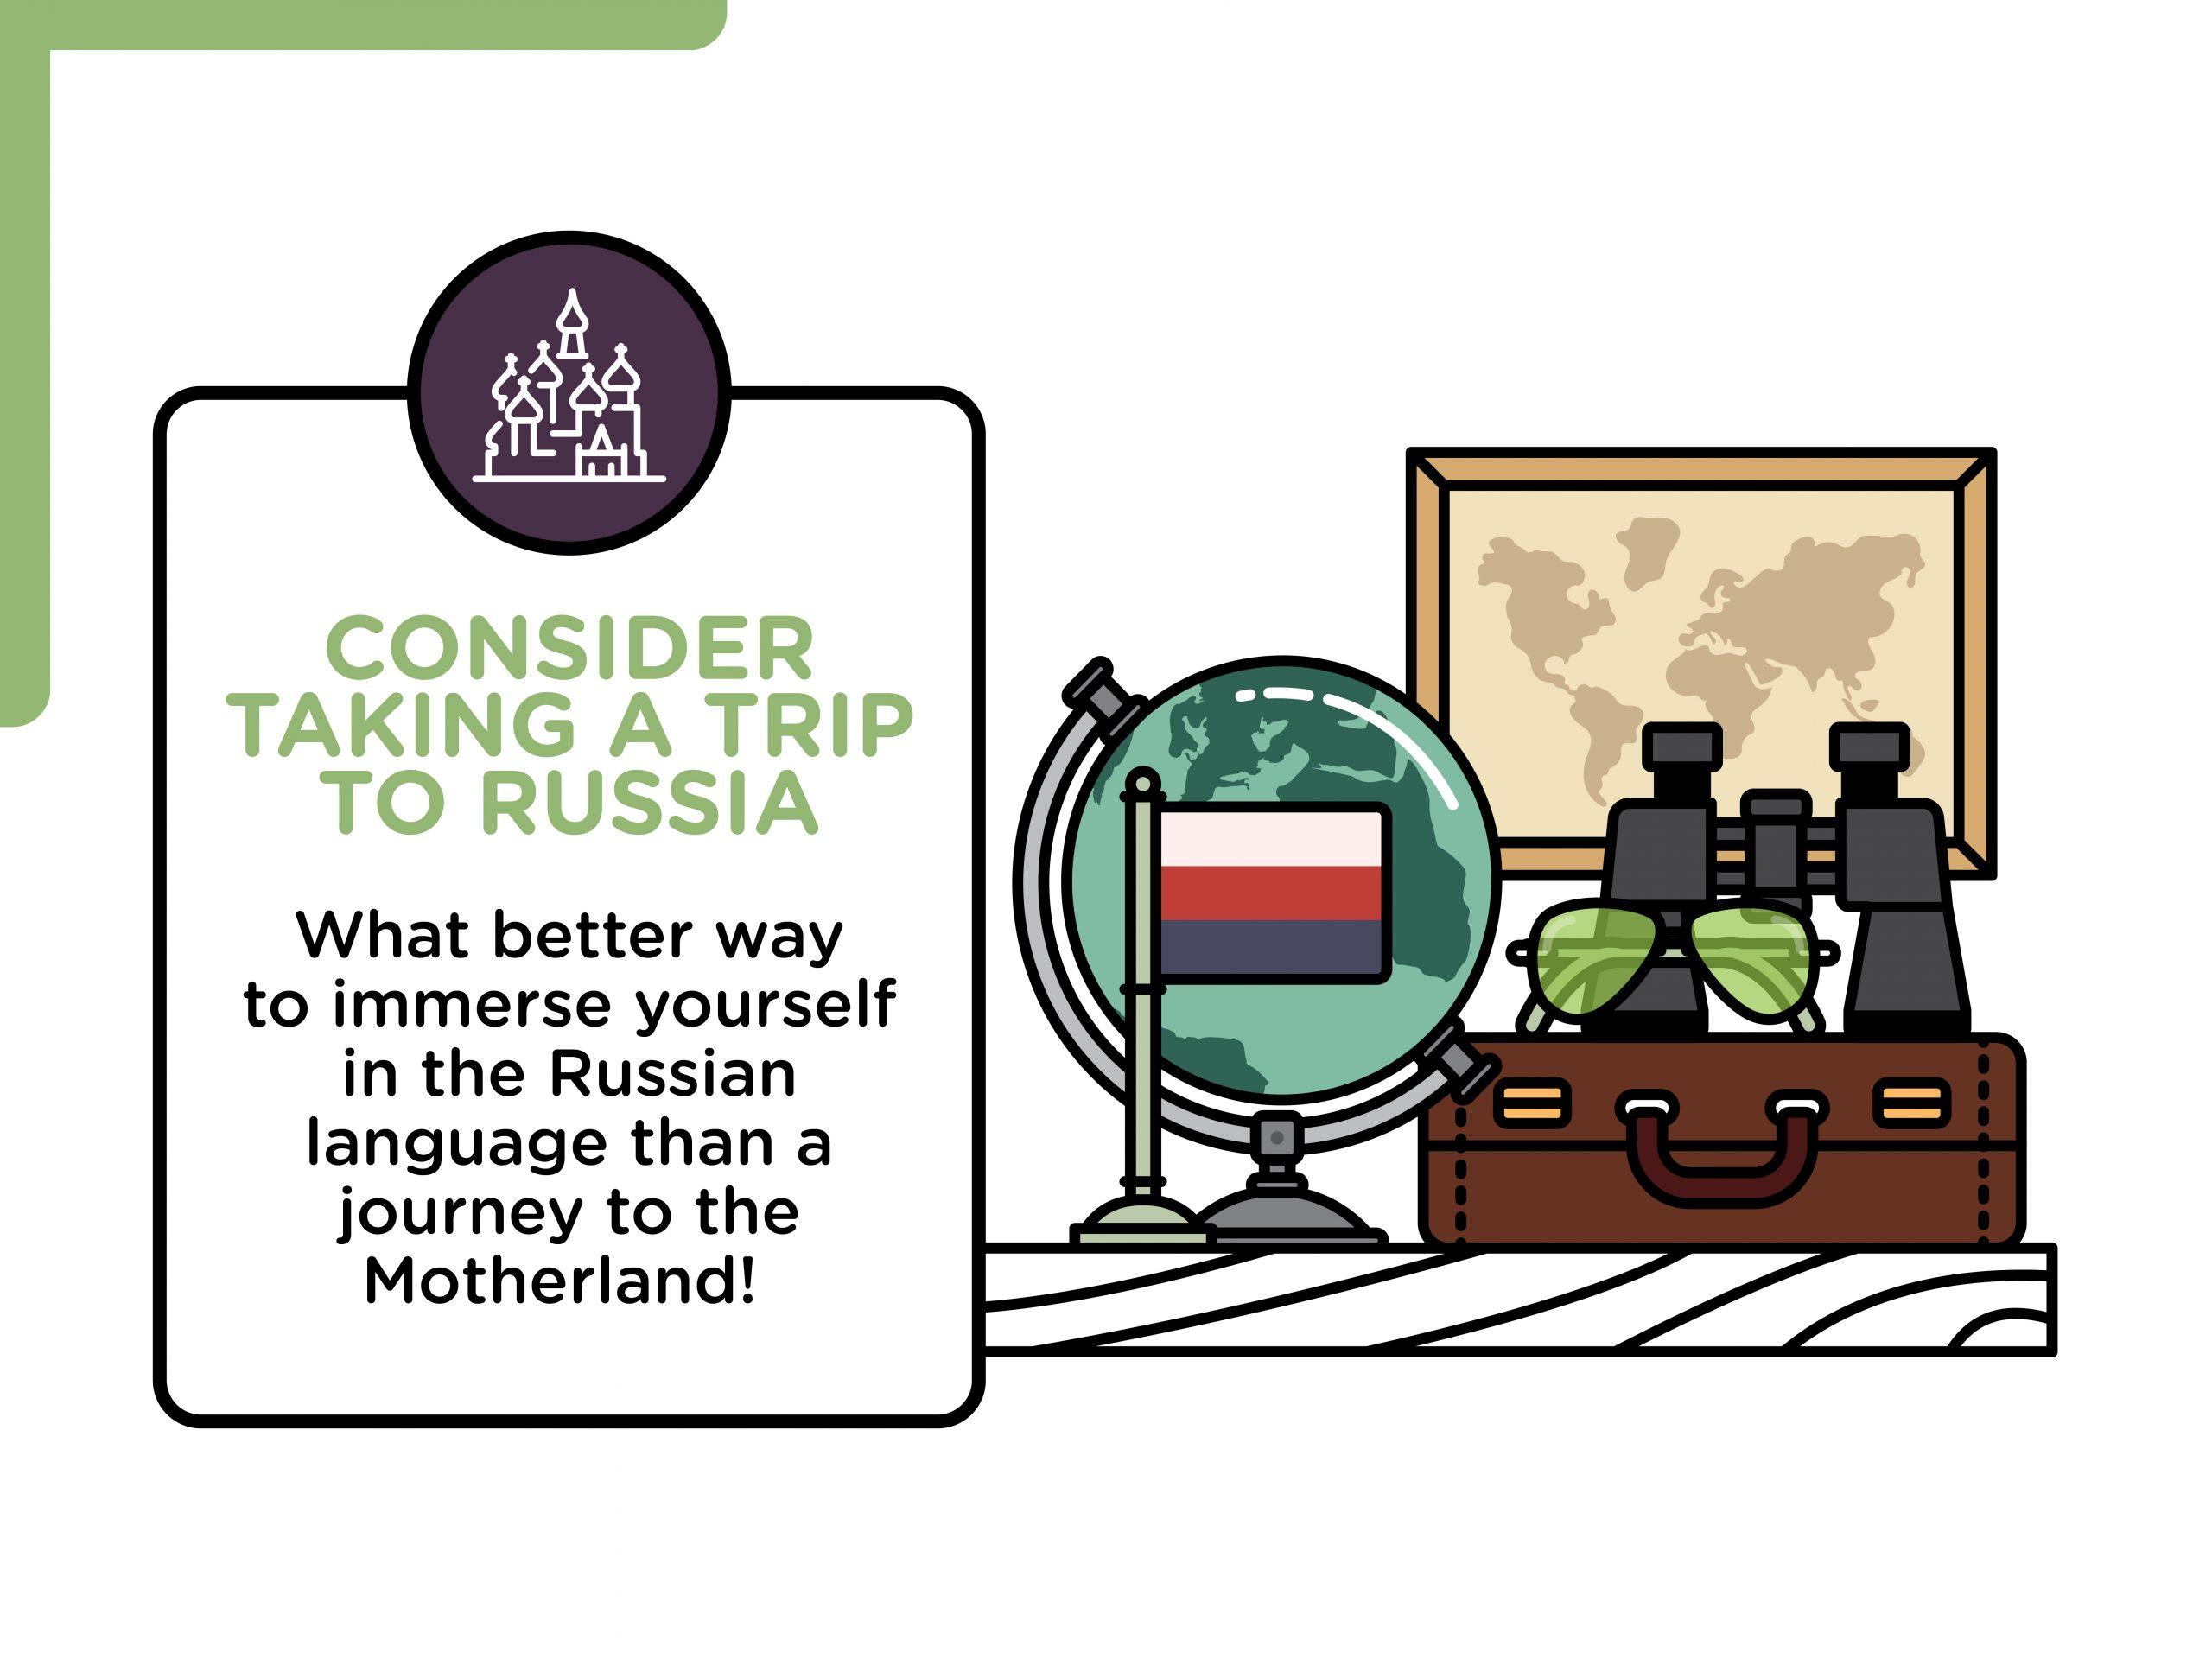 Comment Parler Le Russe: 10 Étapes (Avec Images) destiné Apprendre Le Russe Facilement Gratuitement